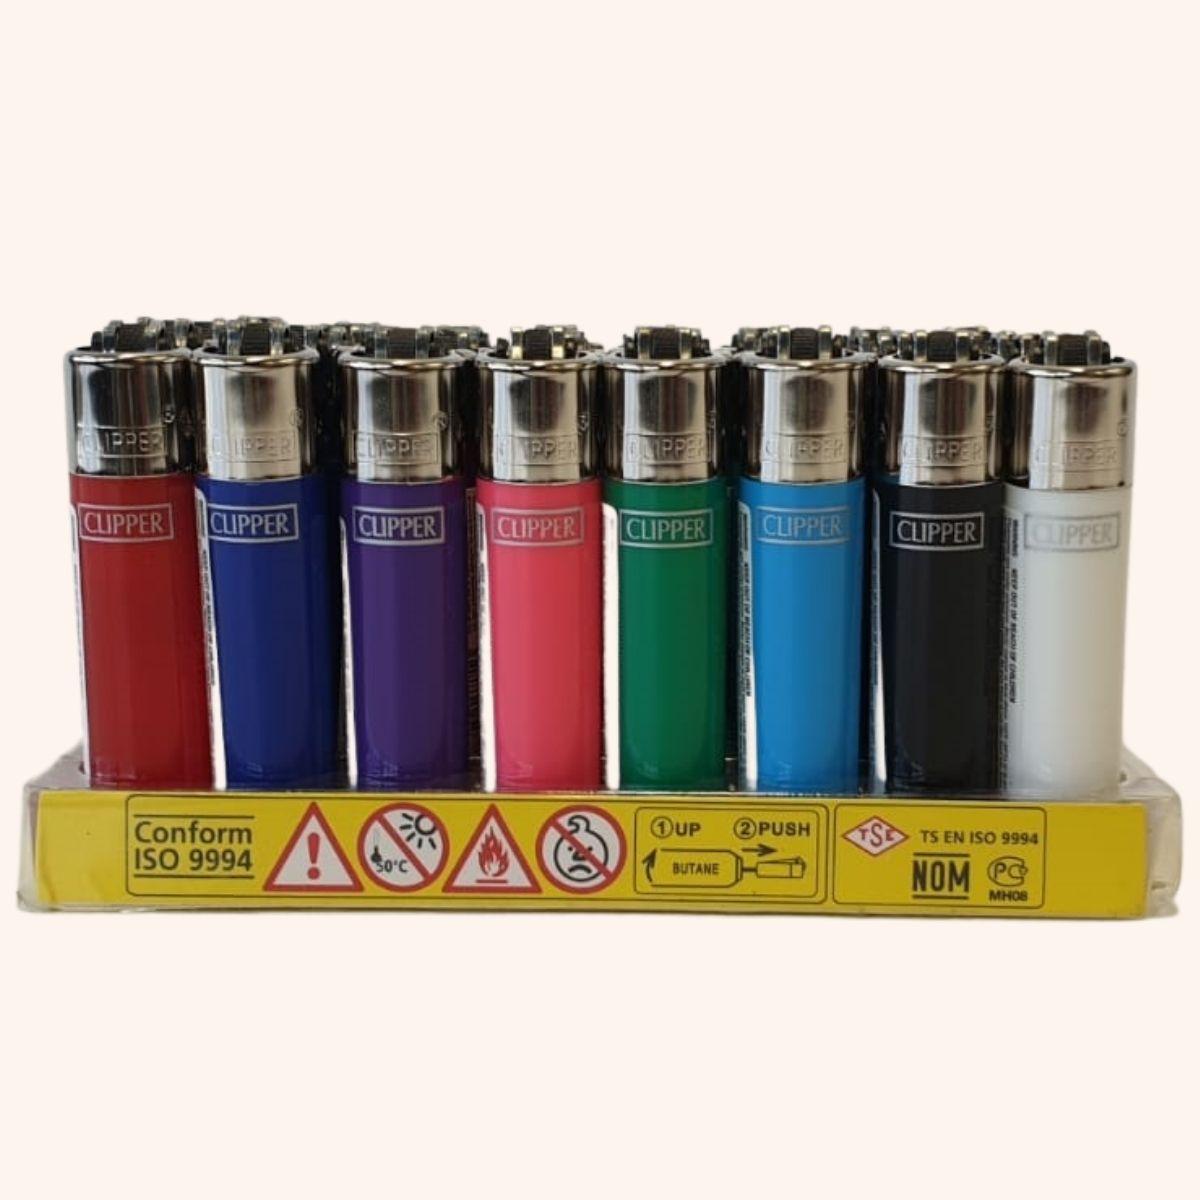 Clipper Mini Lighters – 8 Colours